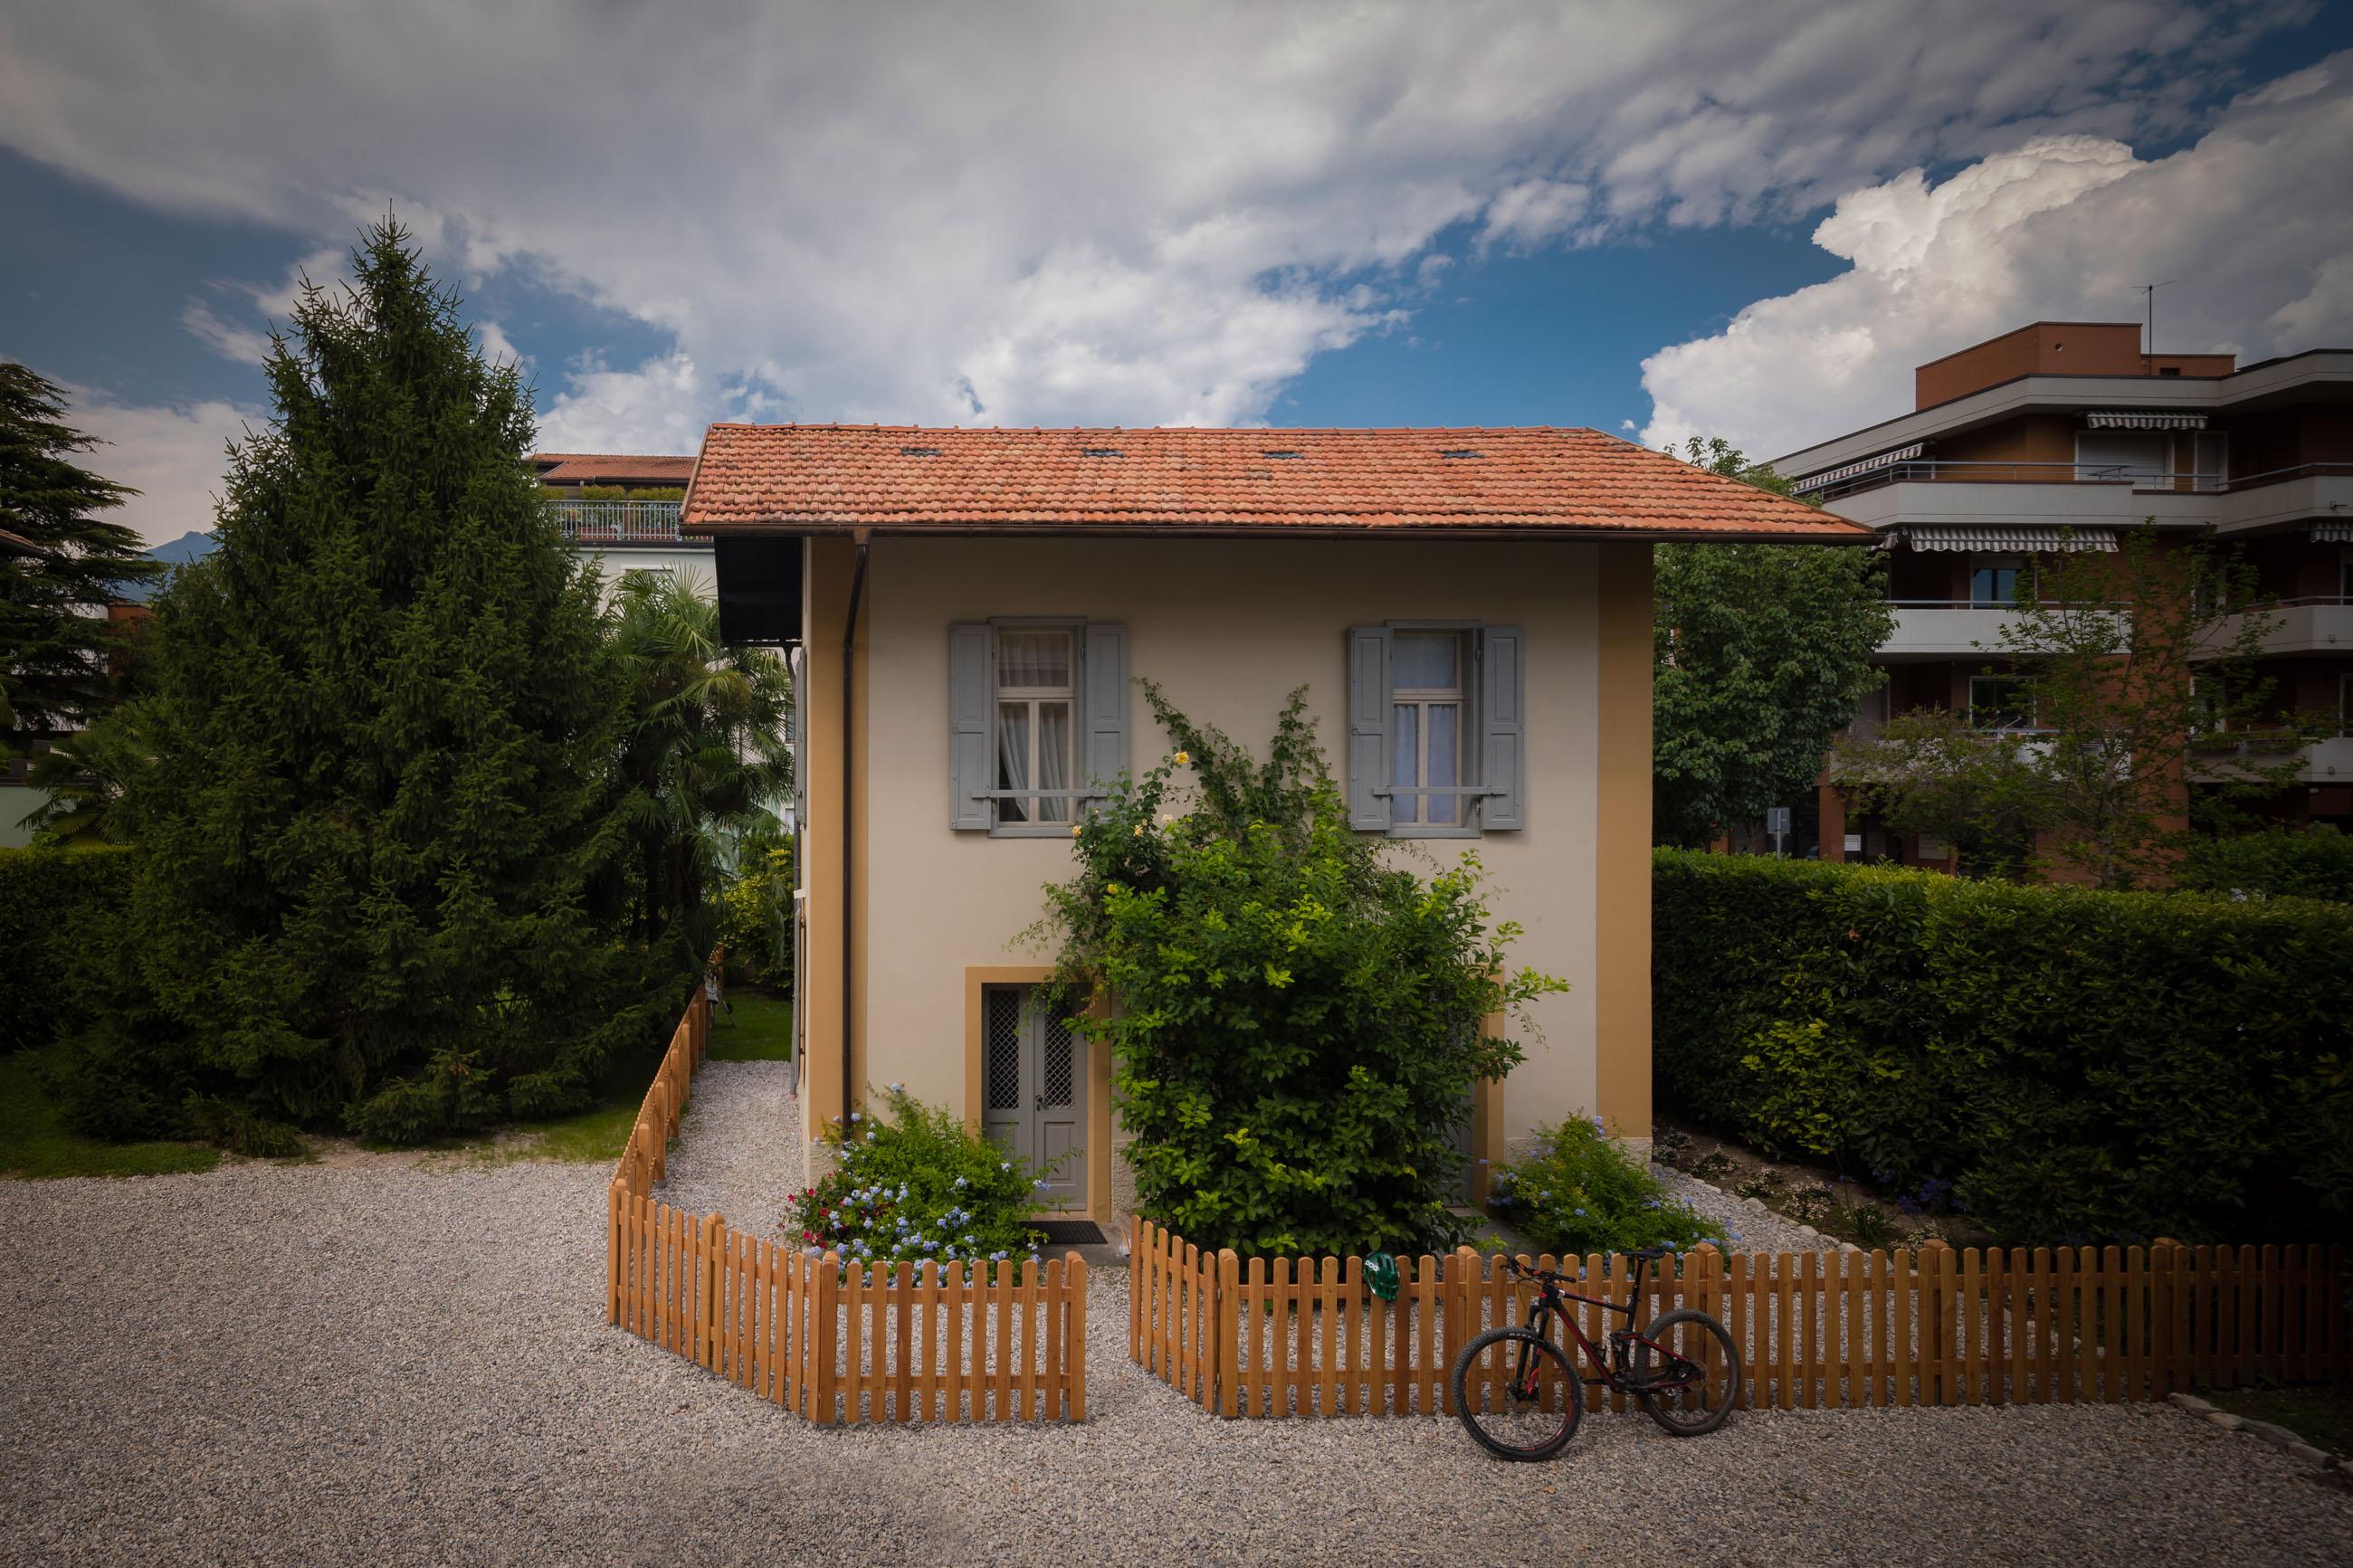 Villa Brunelli - Ines la Graziosa depandance - iva del Garda - Lake Garda - Garda Trentino - Italy